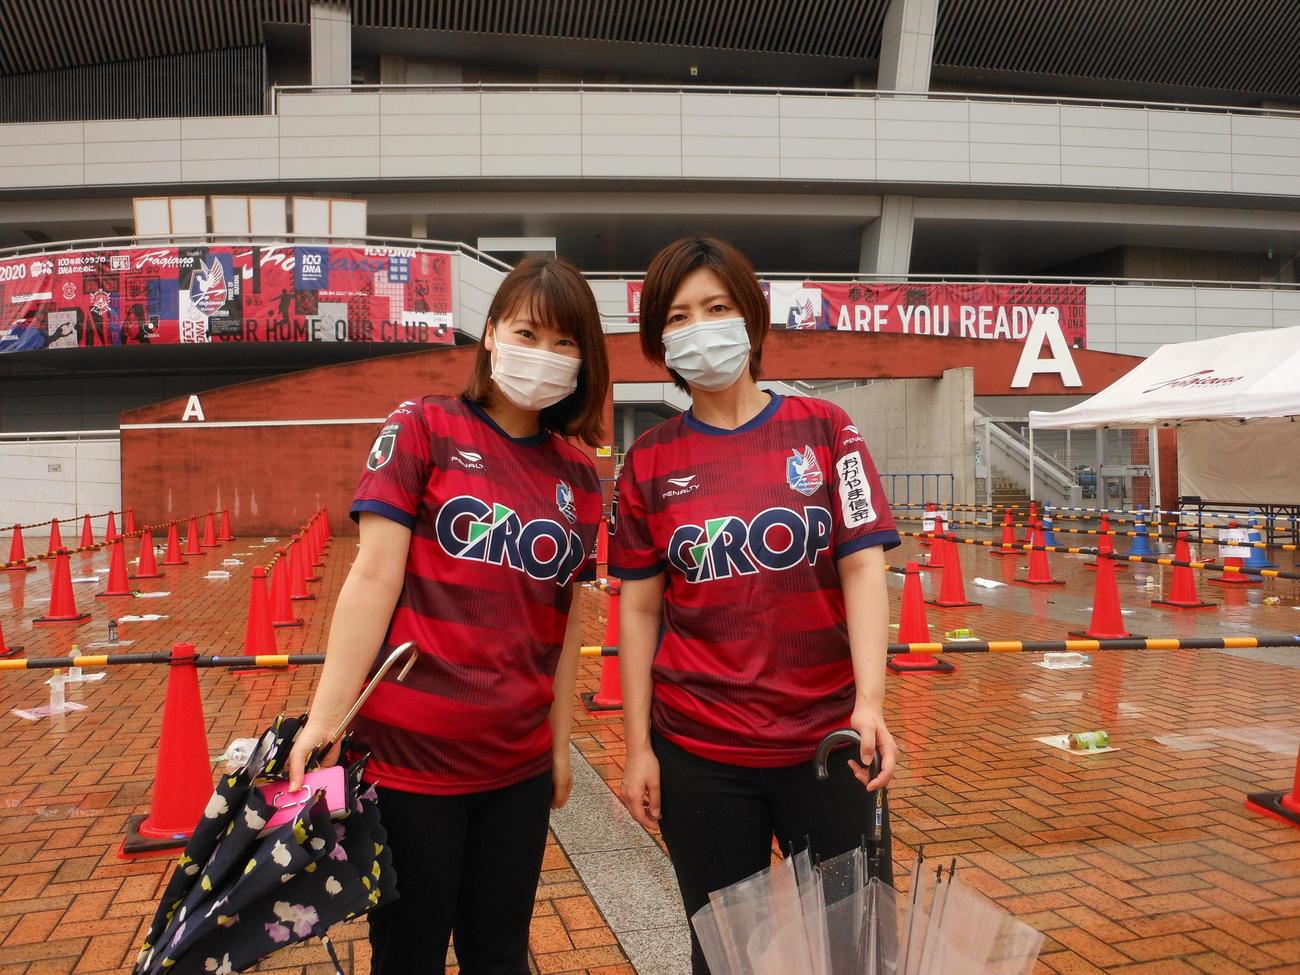 再開後初の有観客試合となるJ2岡山-北九州の試合前、本拠Cスタの前で喜ぶ岡山サポーターの三宅希奈さん(左)と佐藤美鈴さん